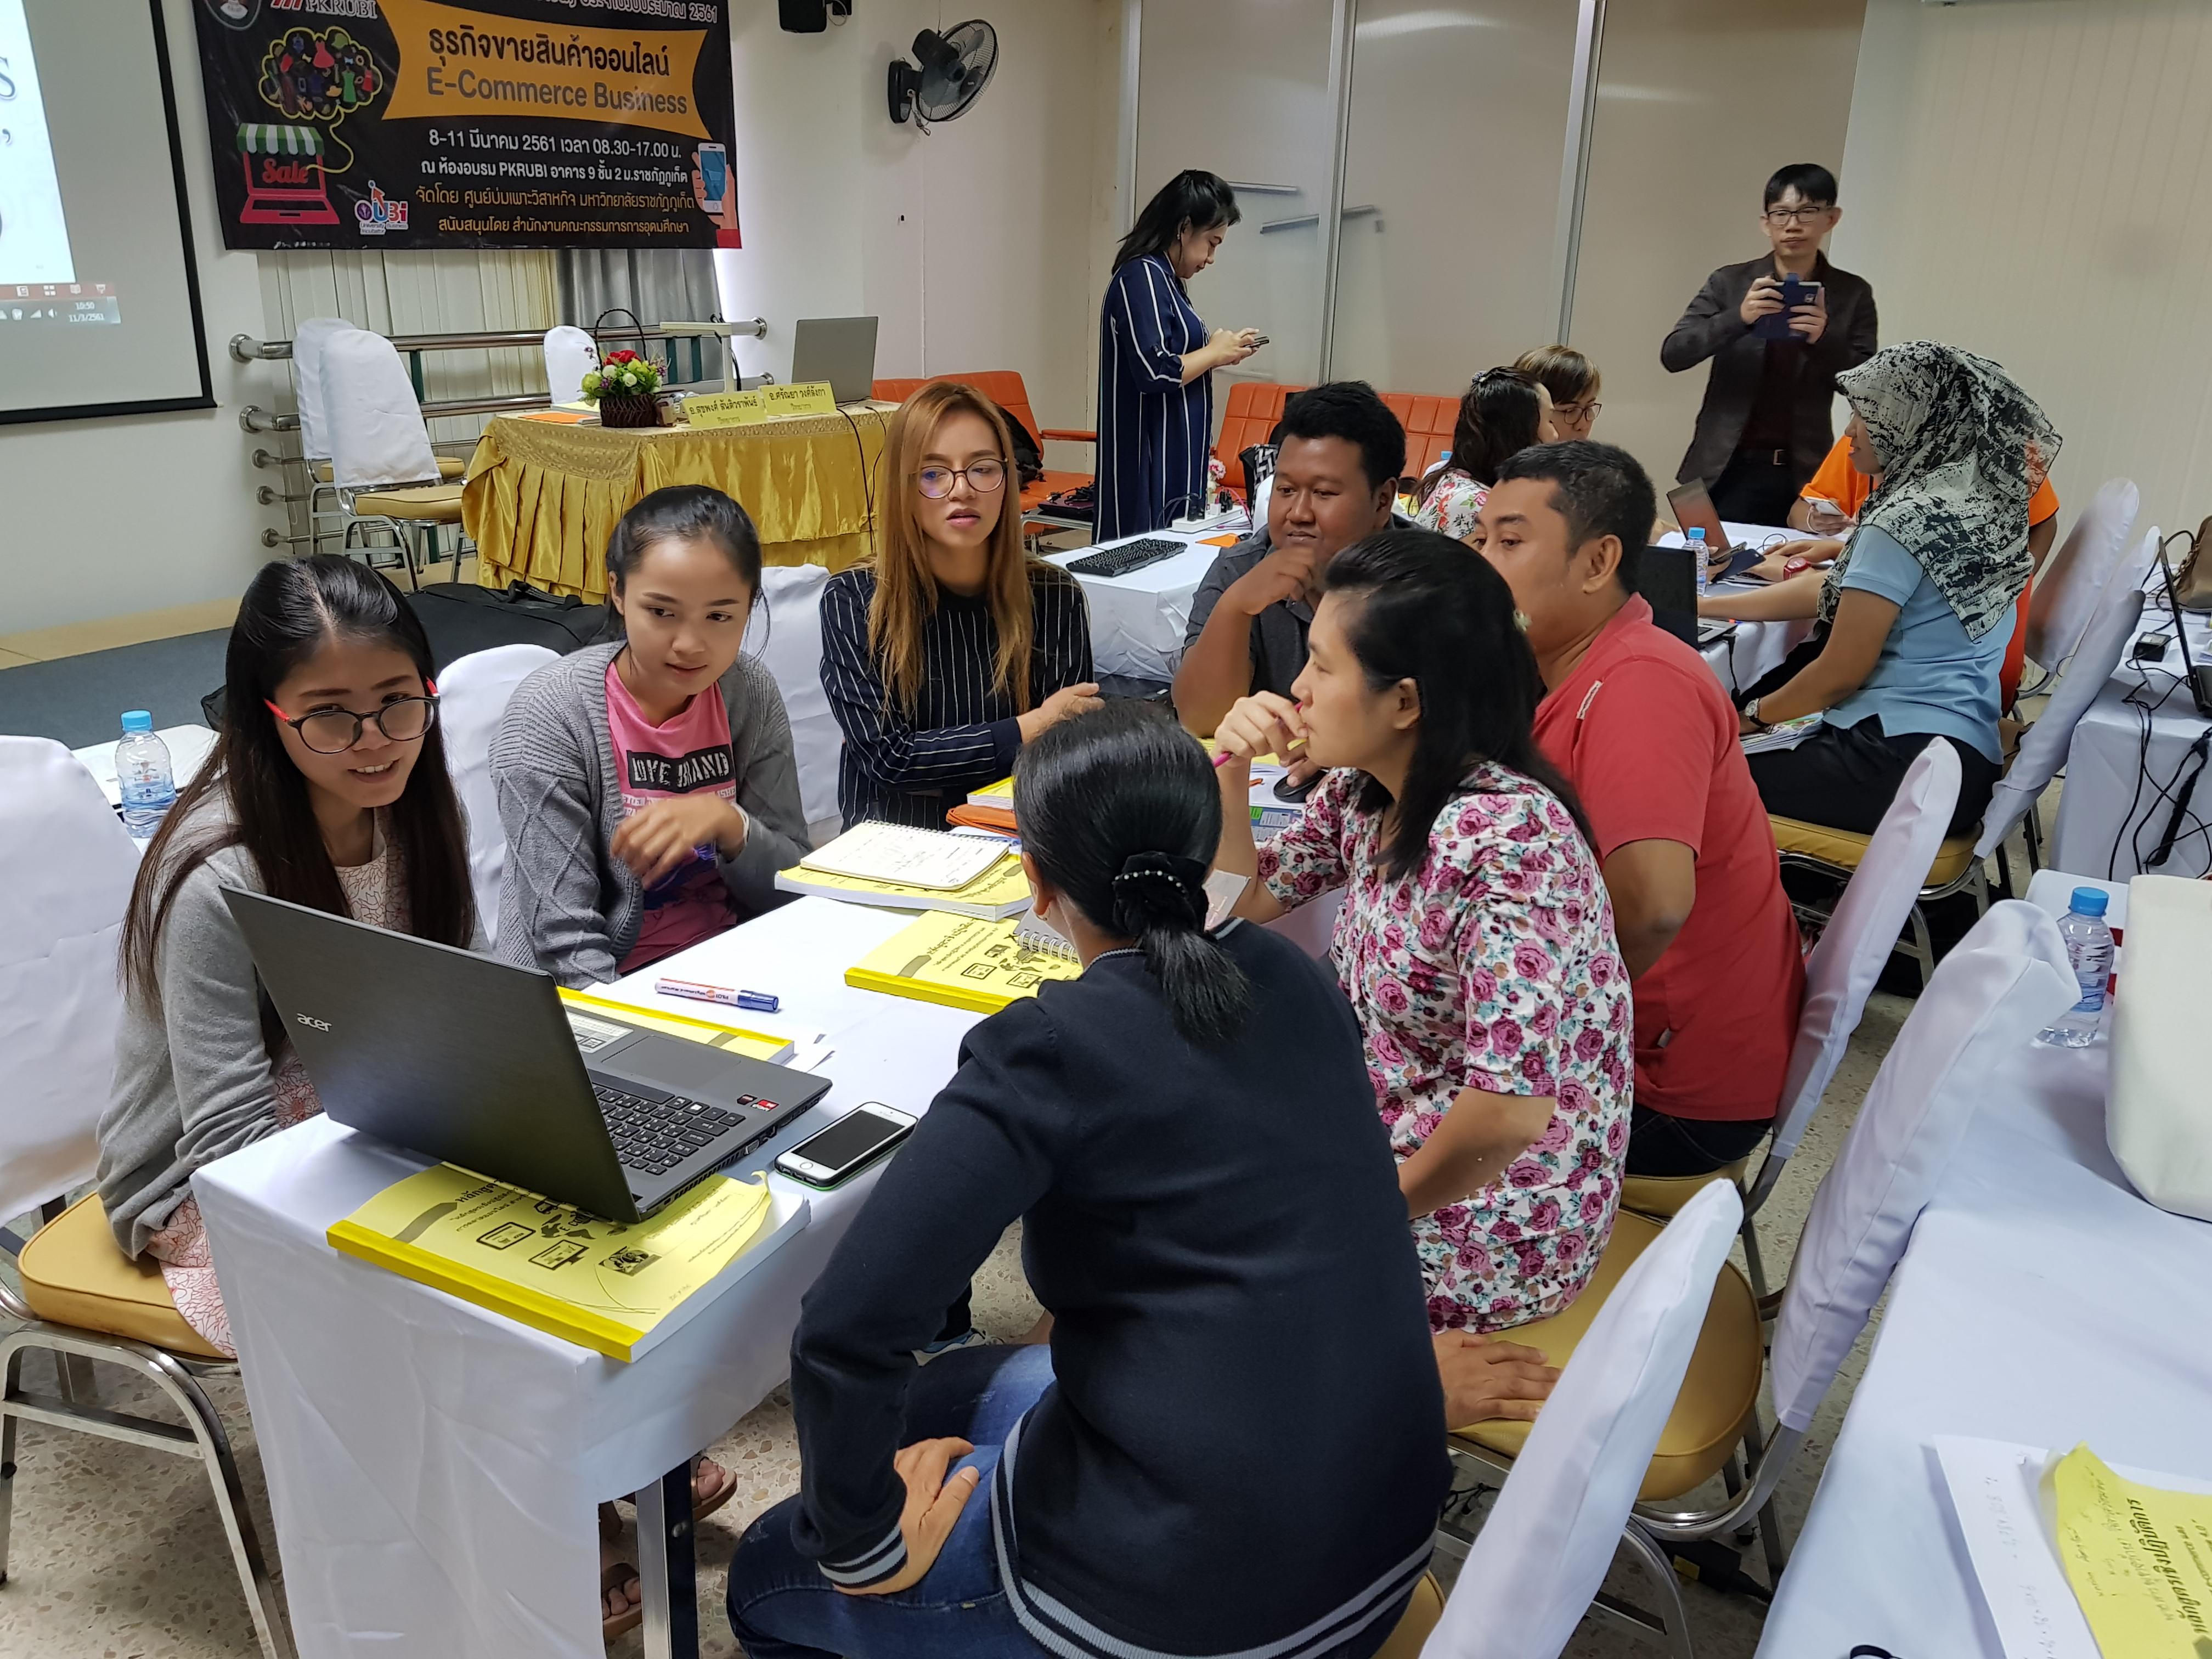 กิจกรรมกลุ่มหลักสูตรการตลาดออนไลน์สอนโดยอาจารย์ใบตอง